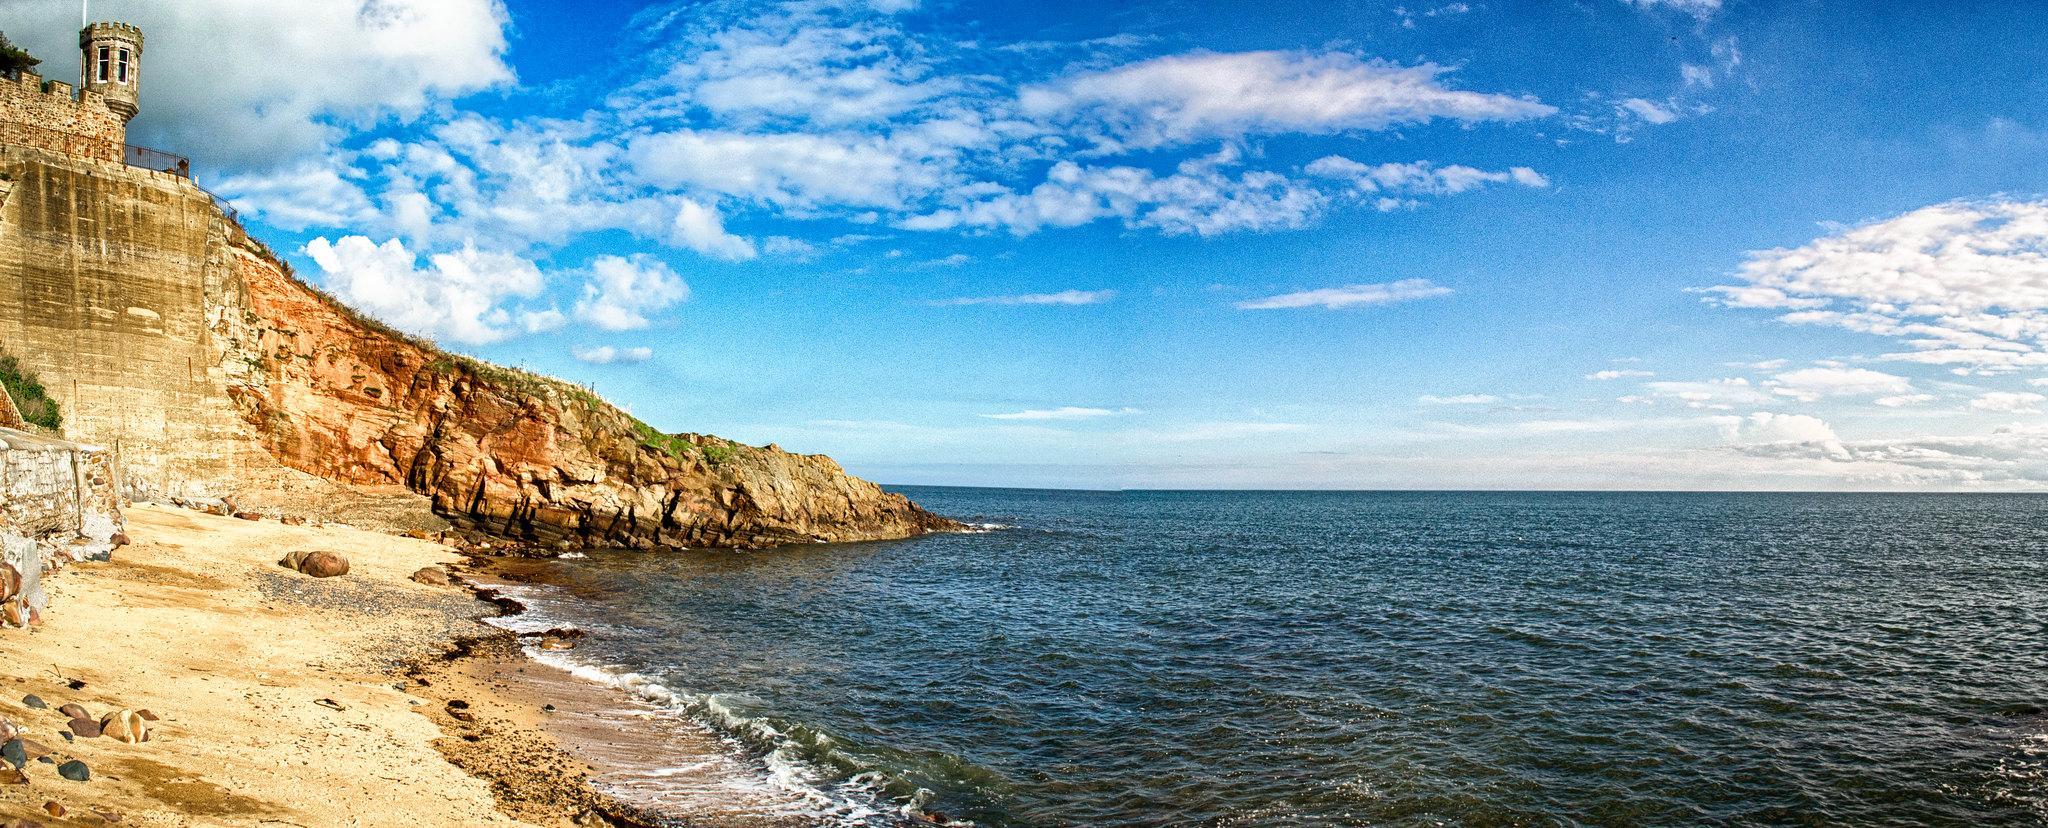 beach123_HDR.jpg